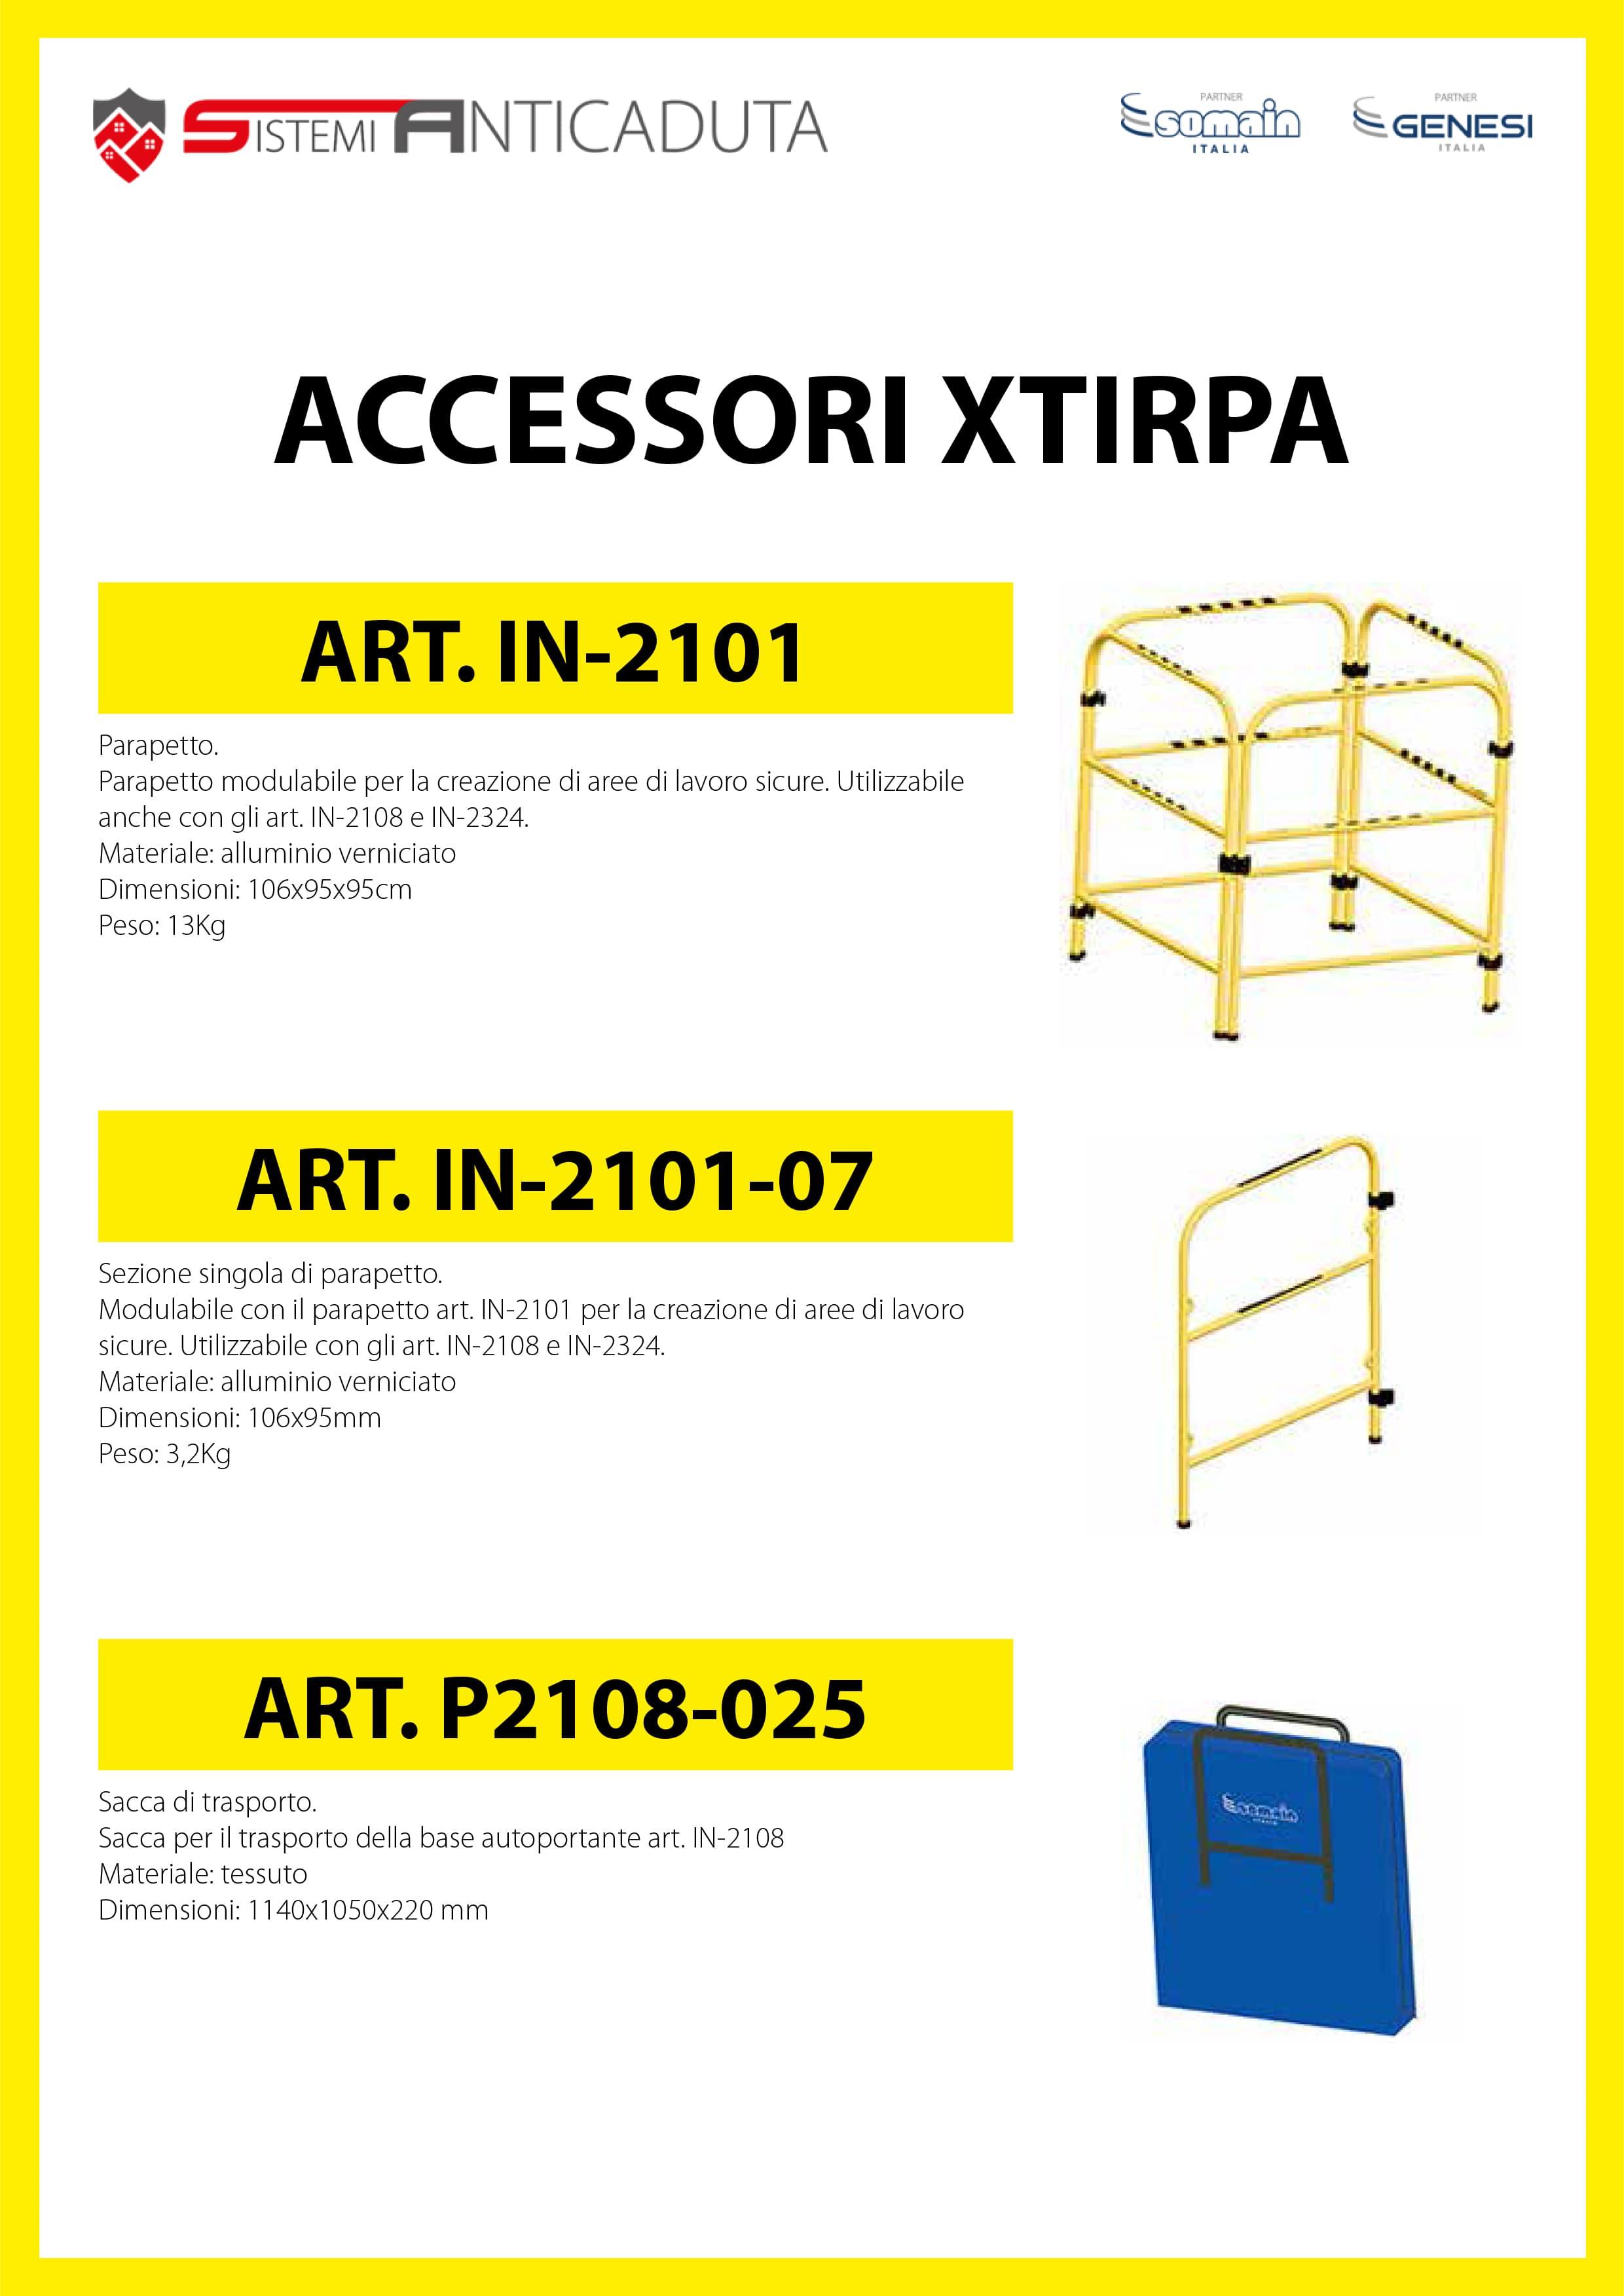 Accessori XTIRPA